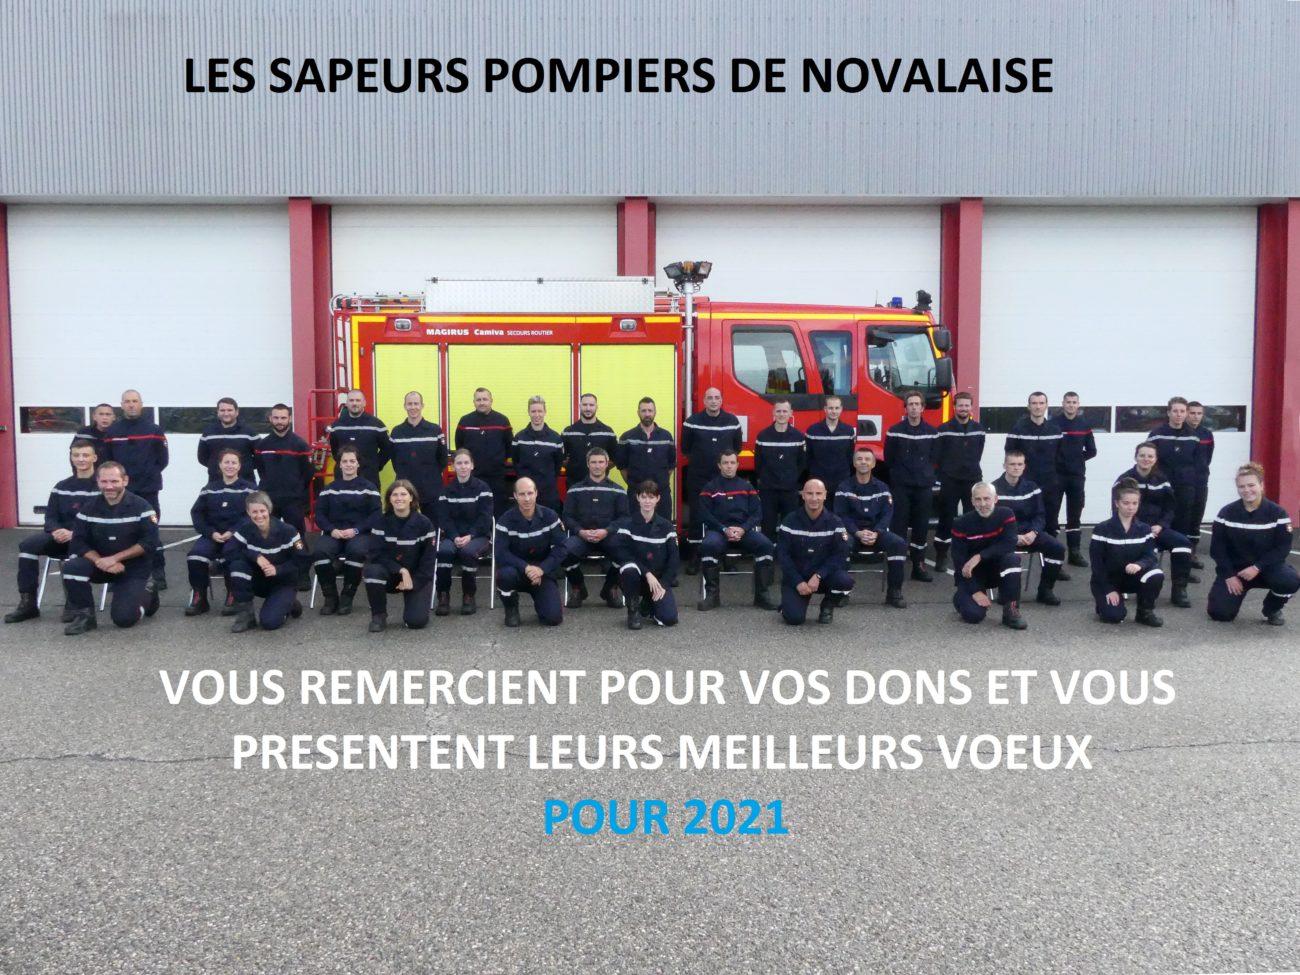 Les calendriers des sapeurs pompiers